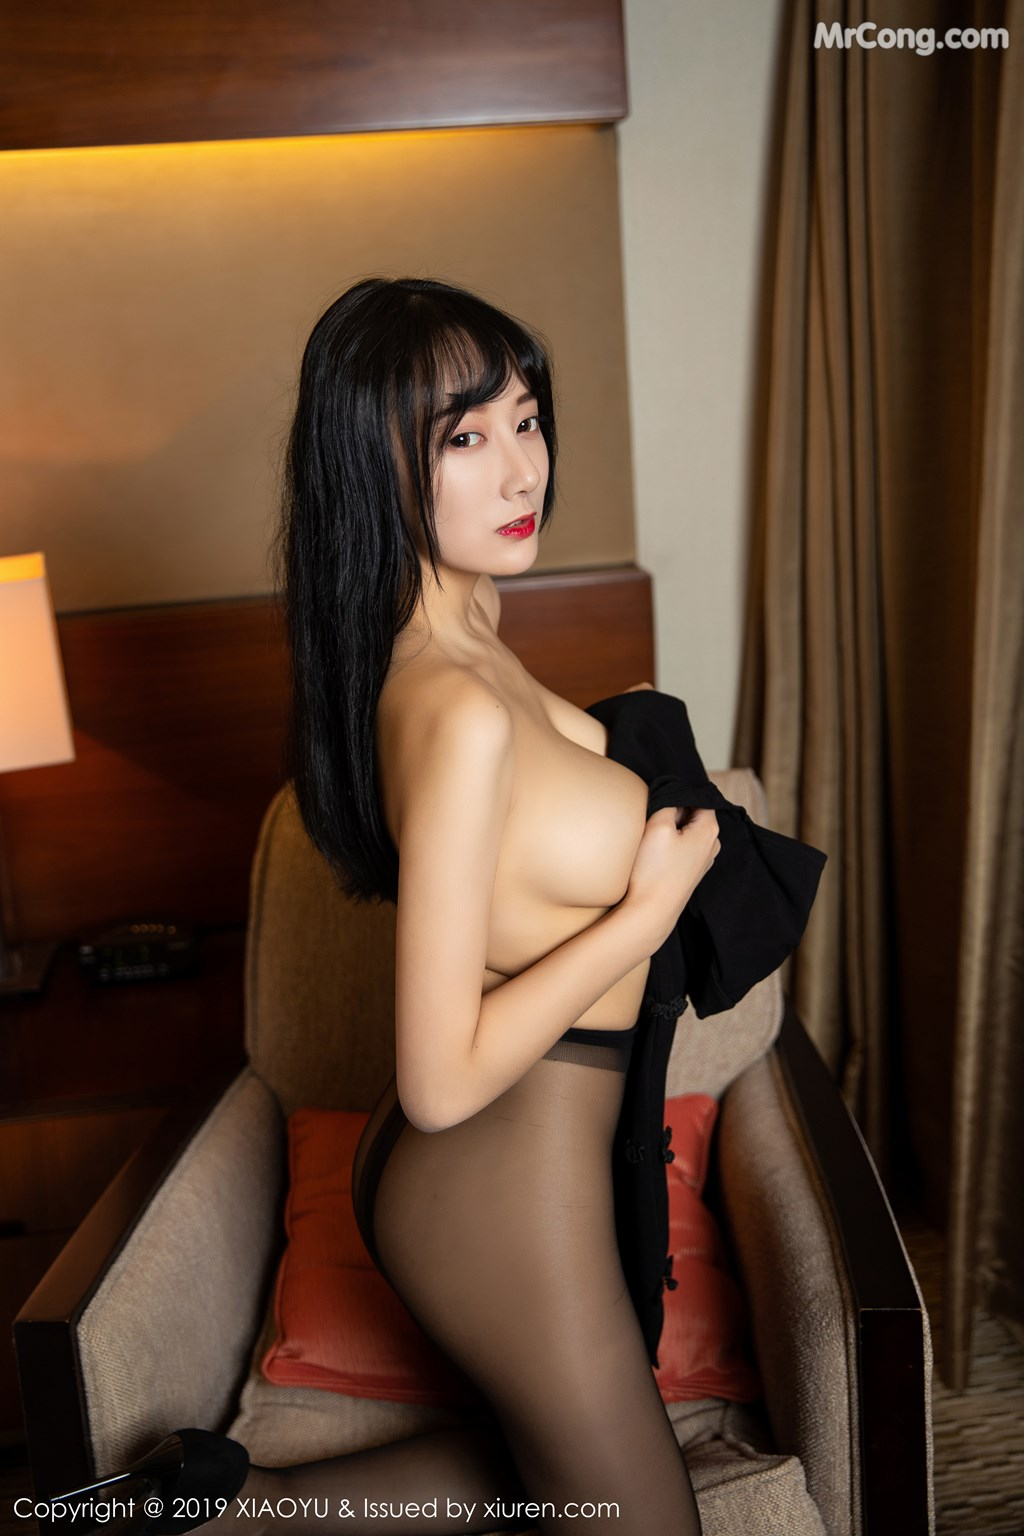 Image XiaoYu-Vol.145-He-Jia-Ying-MrCong.com-049 in post XiaoYu Vol.145: He Jia Ying (何嘉颖) (68 ảnh)